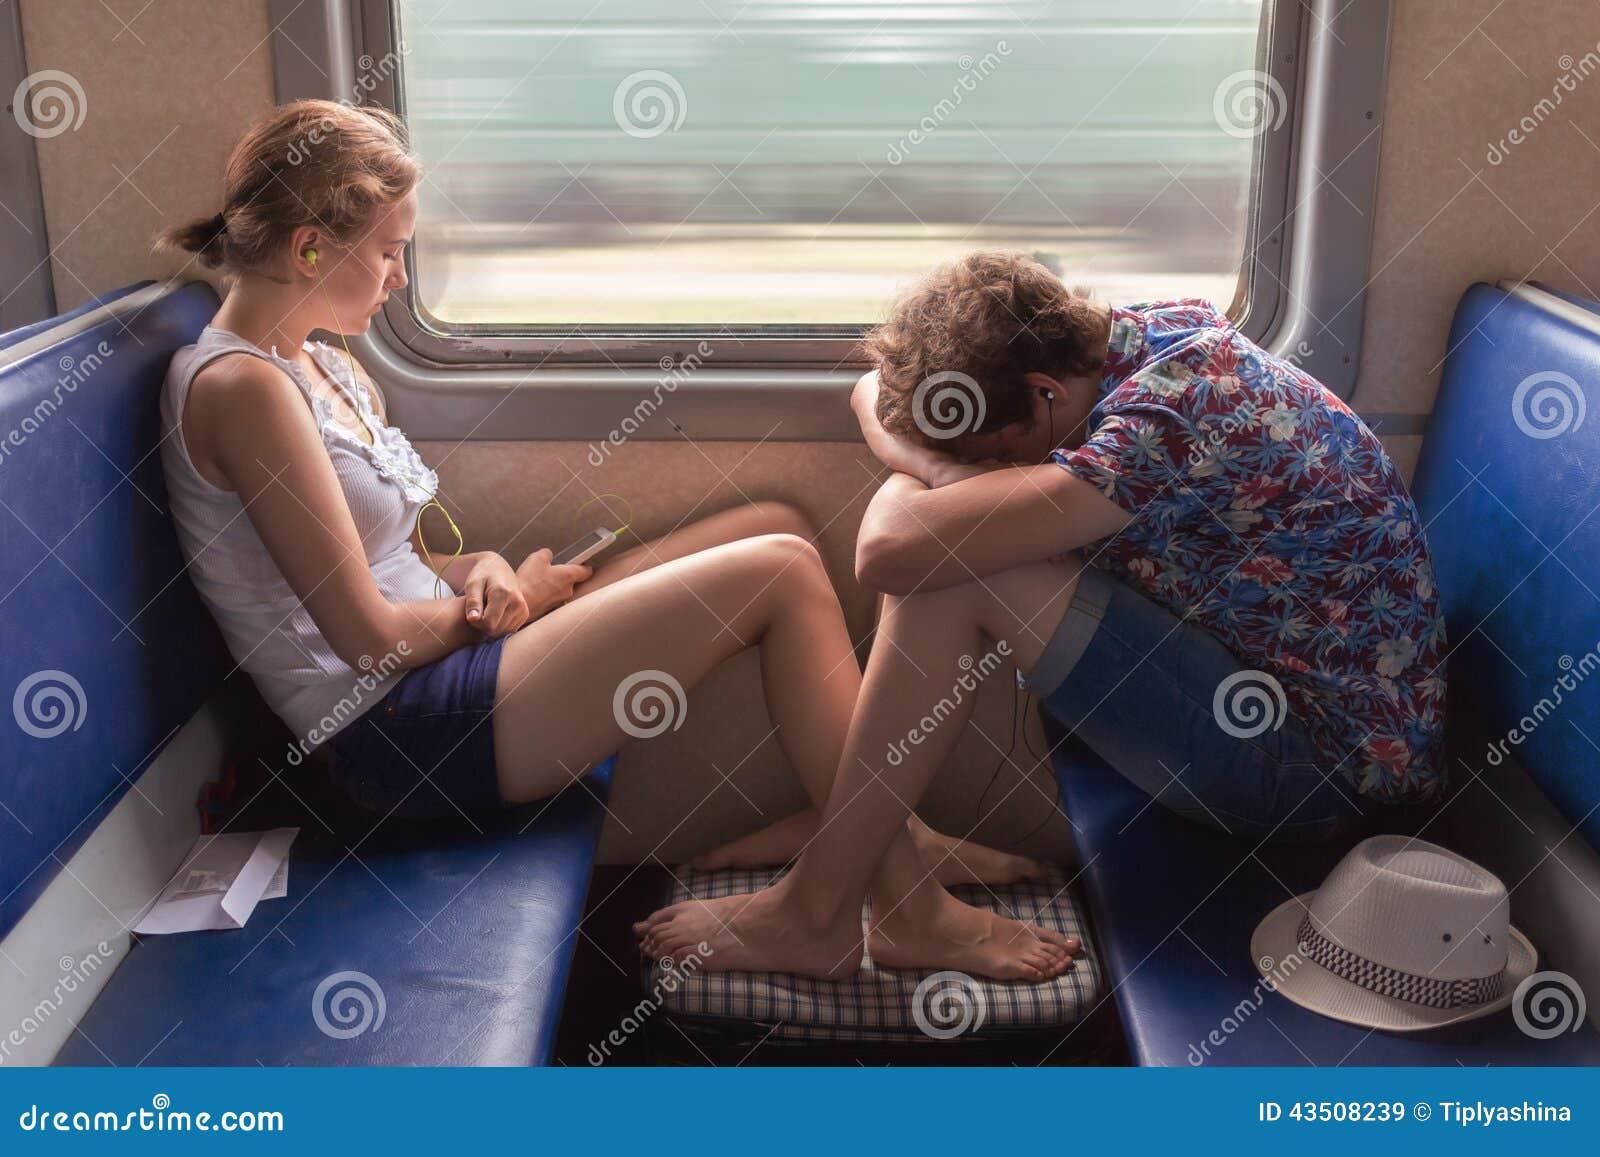 женщина трогает член незнакомца в поезде смотреть было натаскать